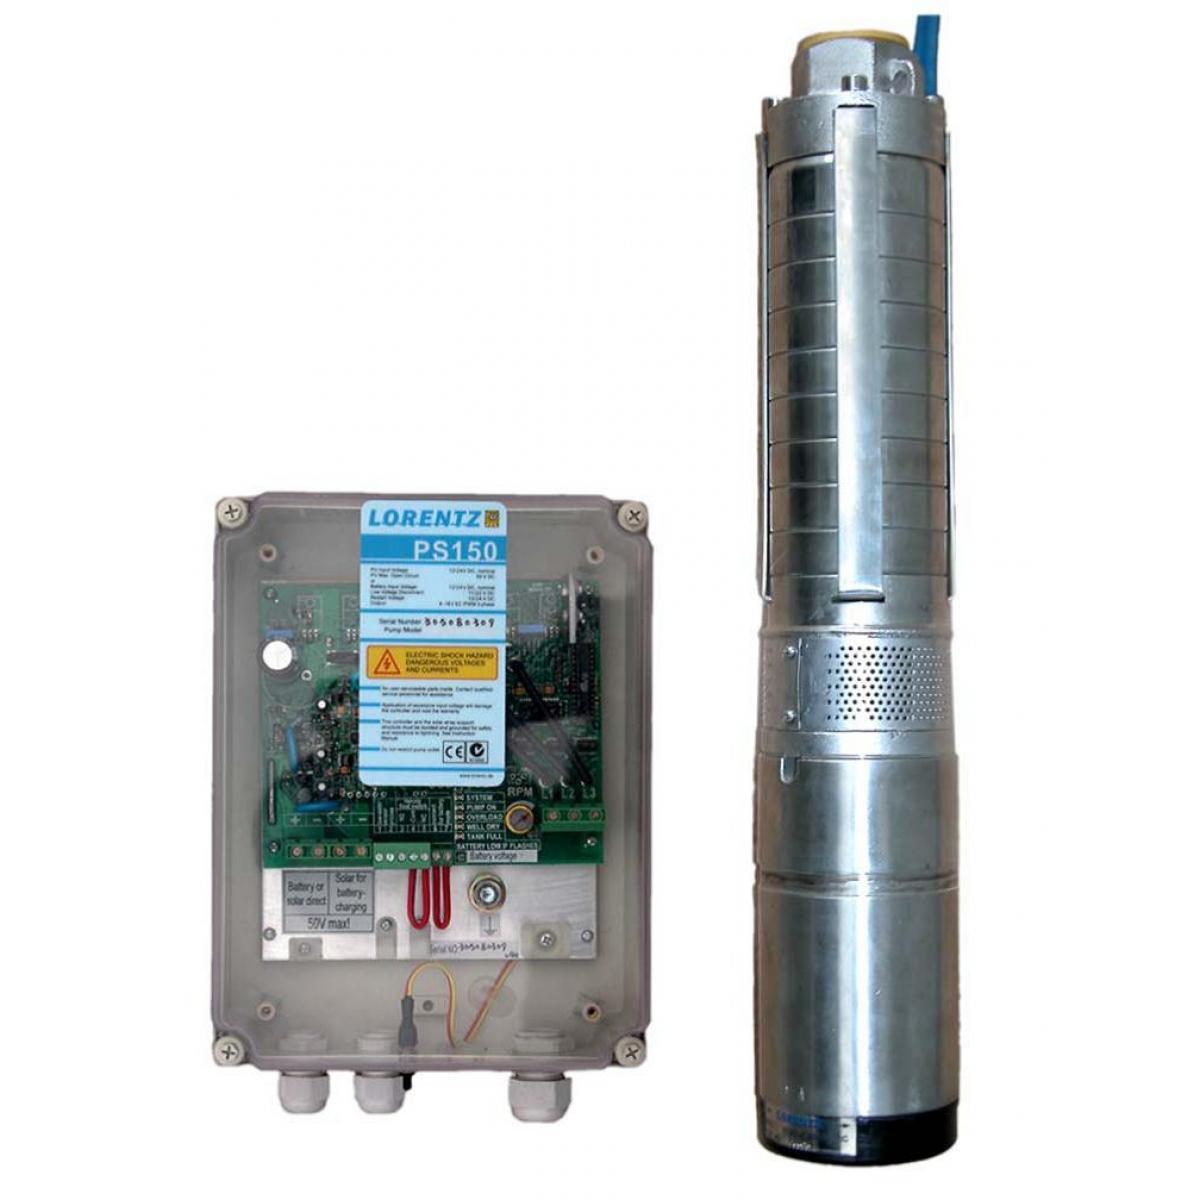 Bombas de agua sumergibles solares images - Bombas de agua ...